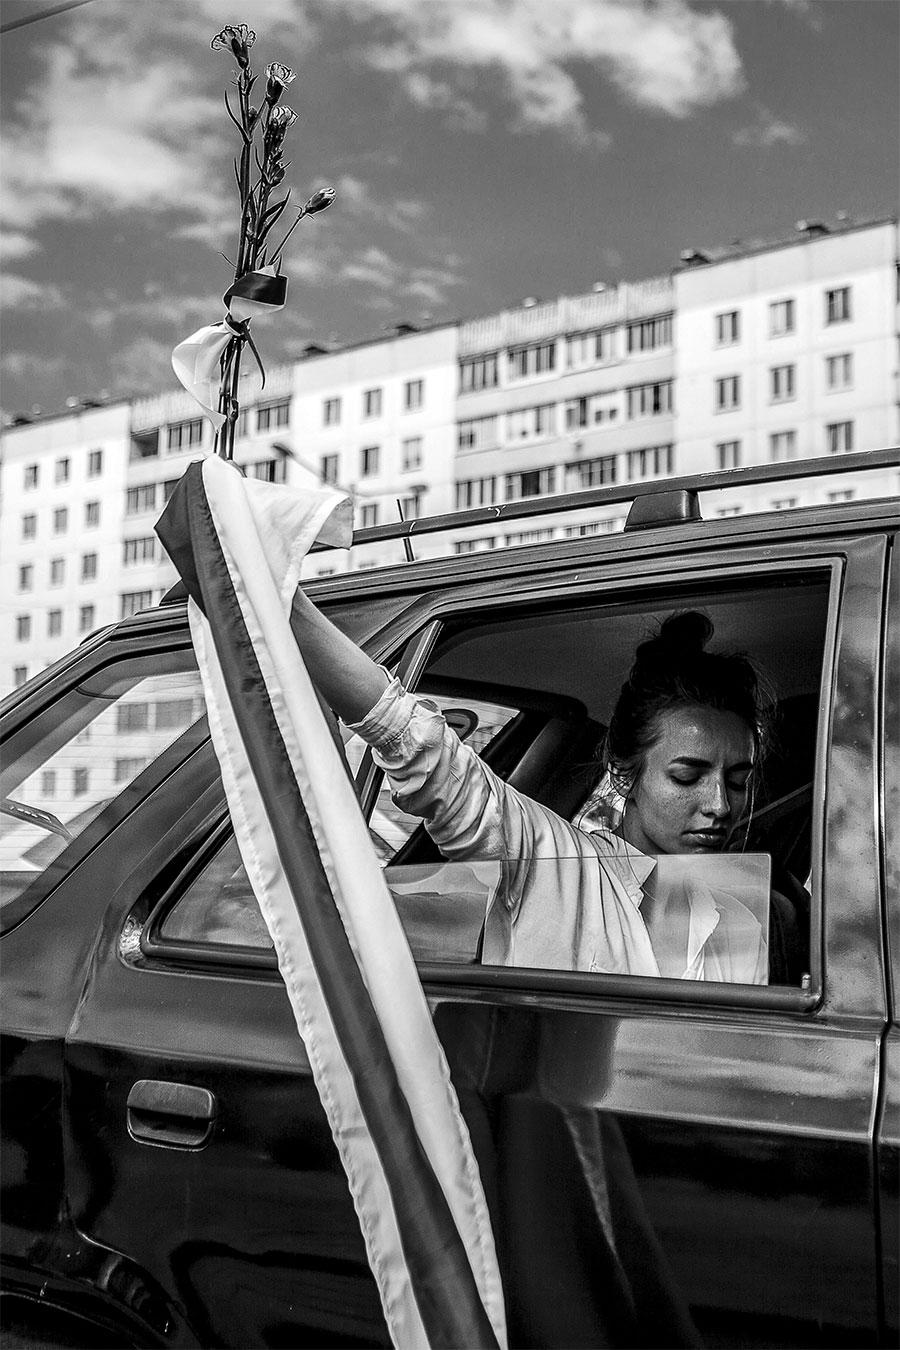 Visa Savolainen, 173 days by Saara Tuominen